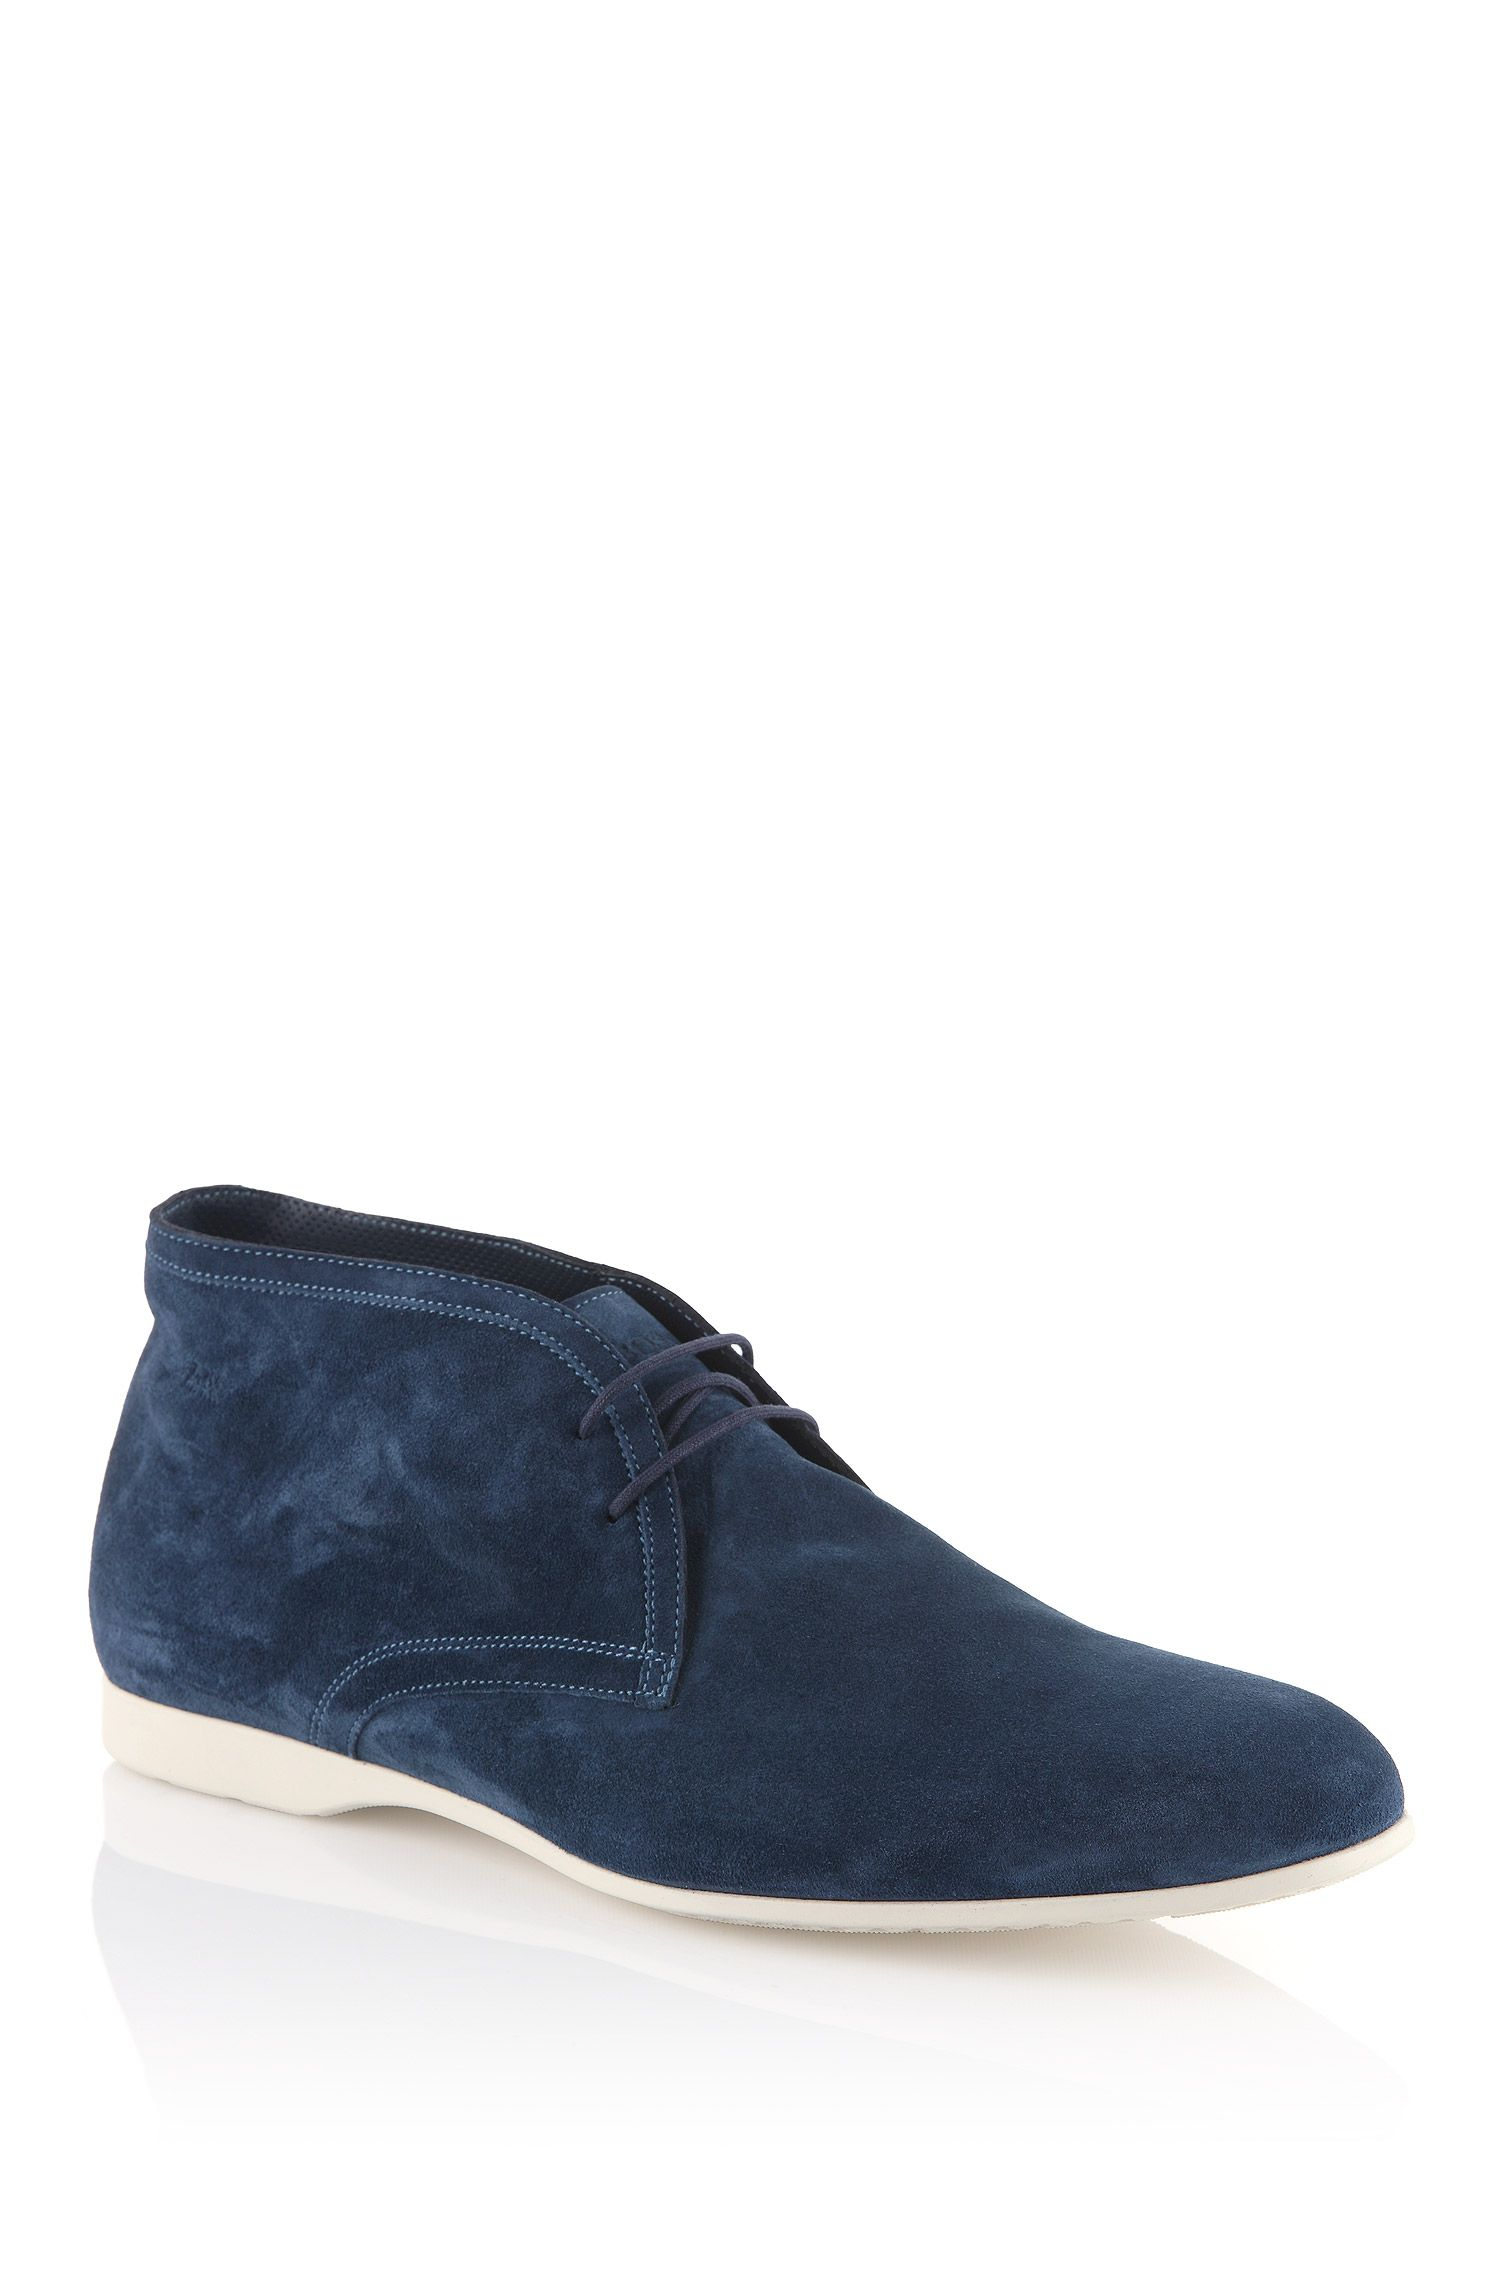 Chaussures à lacets en pur cuir velours, Sortion